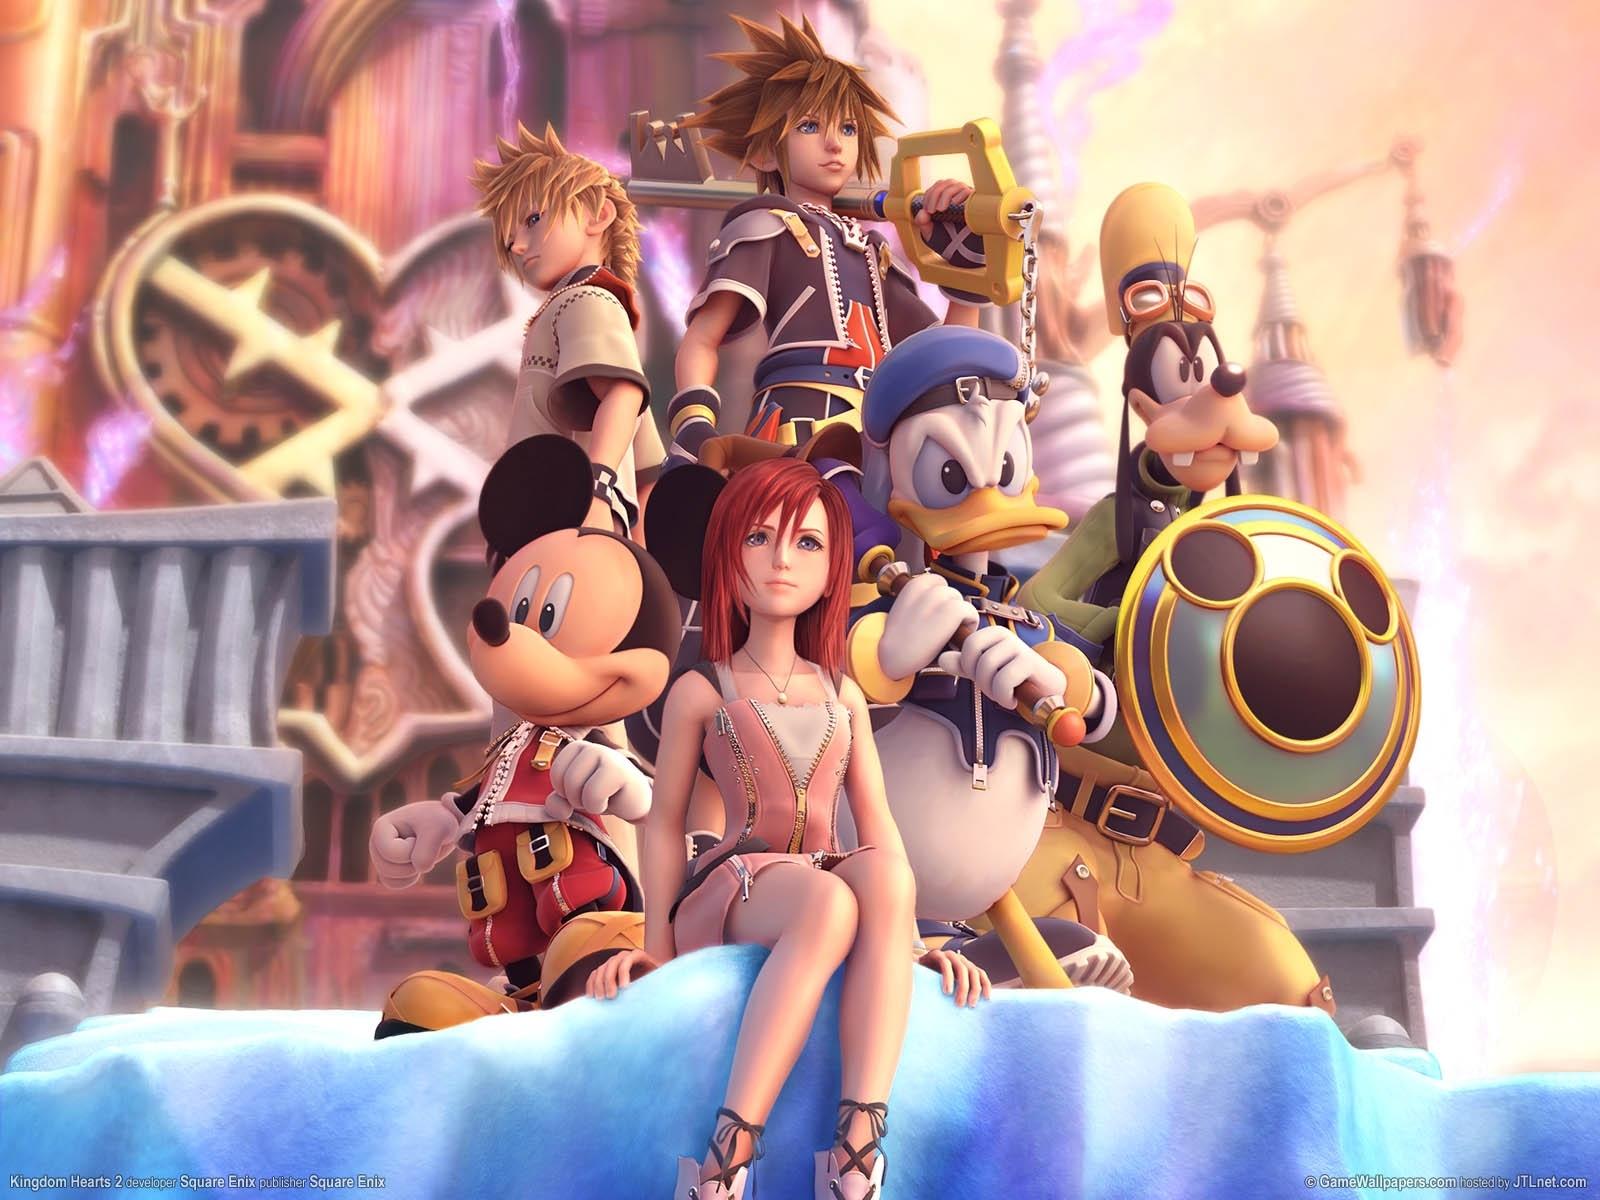 kingdom hearts ii wallpaper #64825 - zerochan anime image board